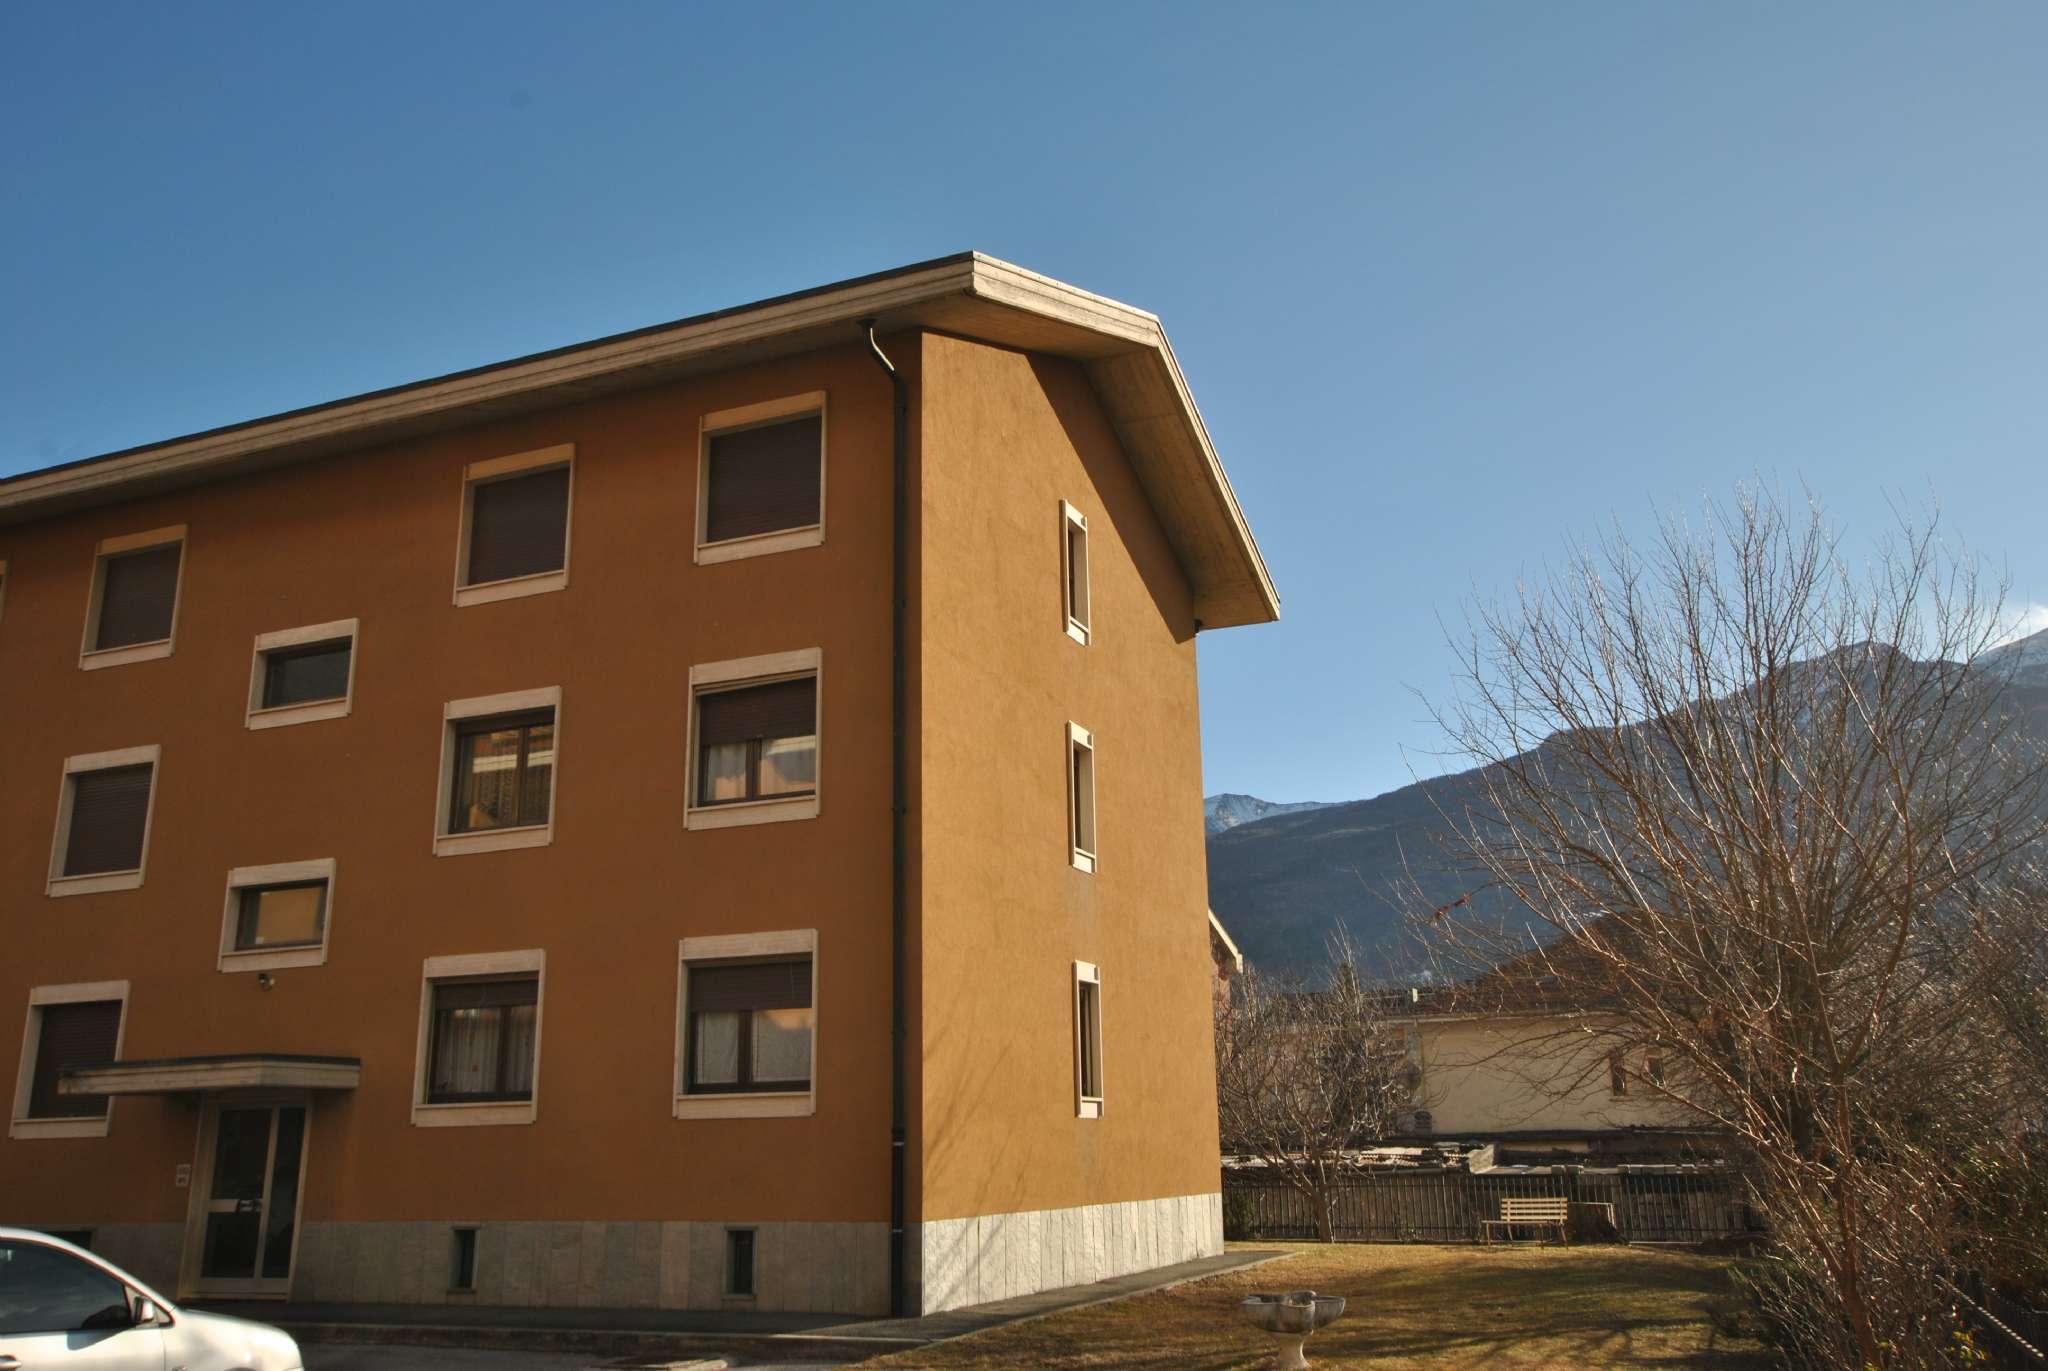 Foto 1 di Quadrilocale via rubattera, Bussoleno